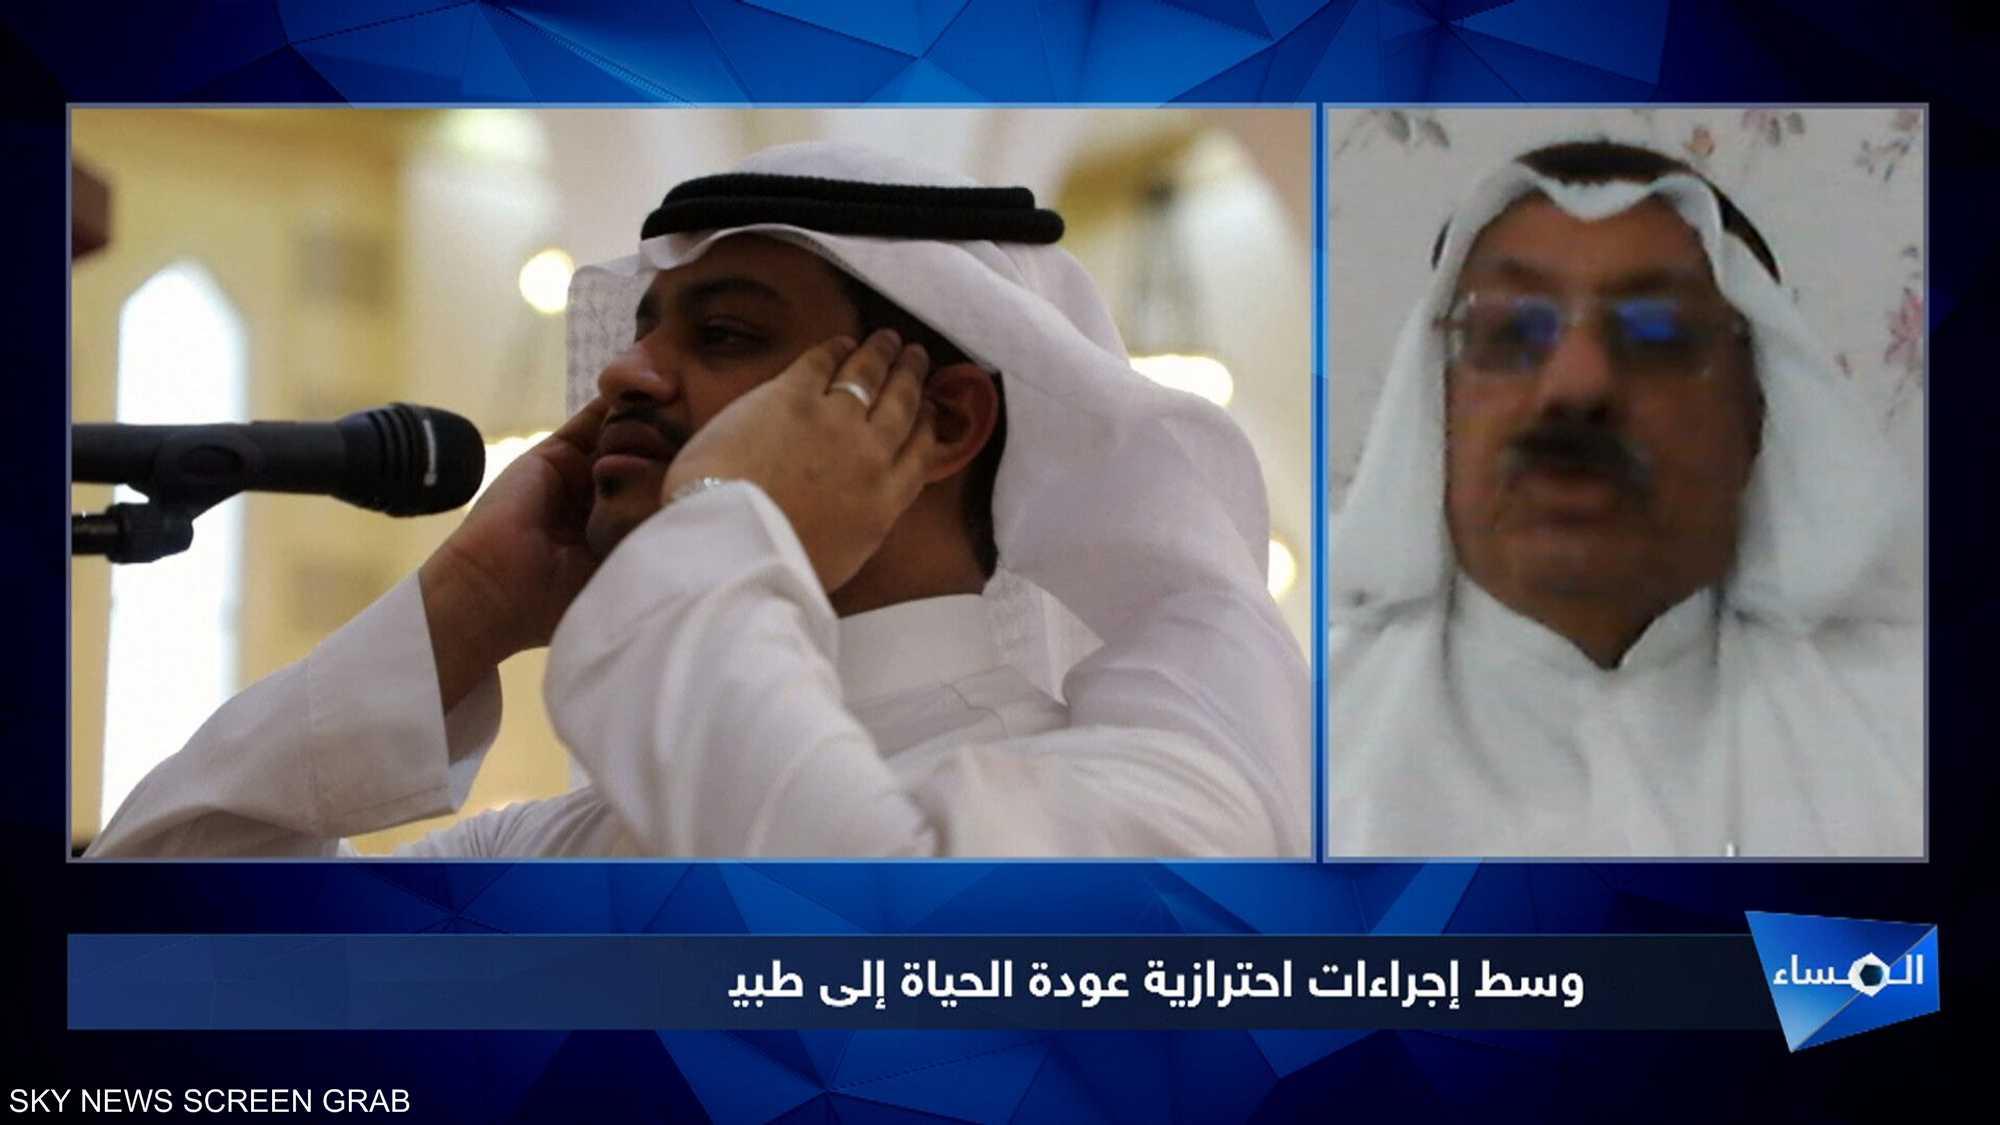 السعودية: الأمن المصري جزء لا يتجزأ من أمن المملكة